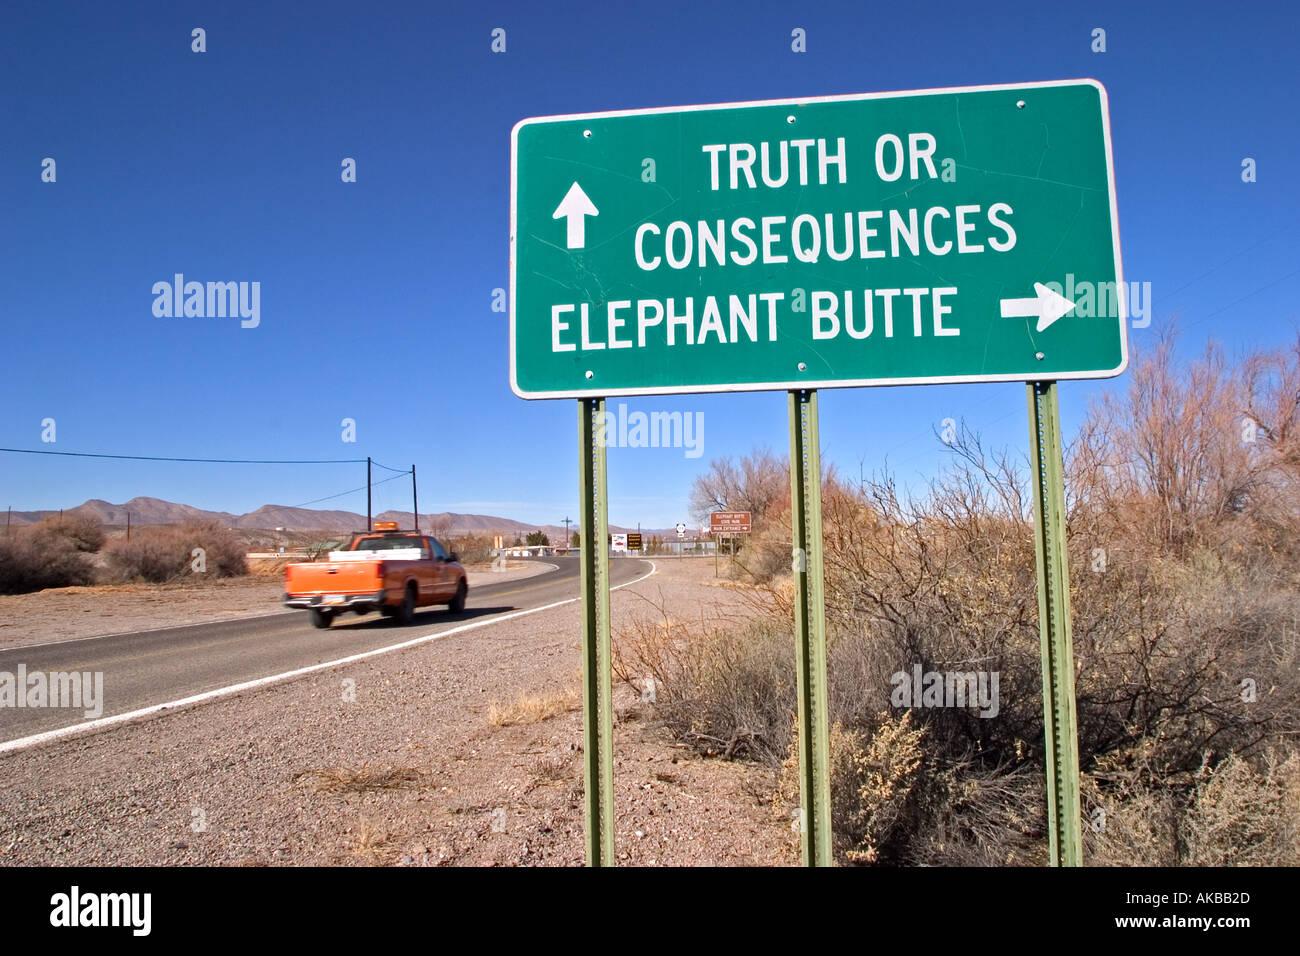 Segno per la città di verità o conseguenze e Elephant Butte Nuovo Messico USA Immagini Stock